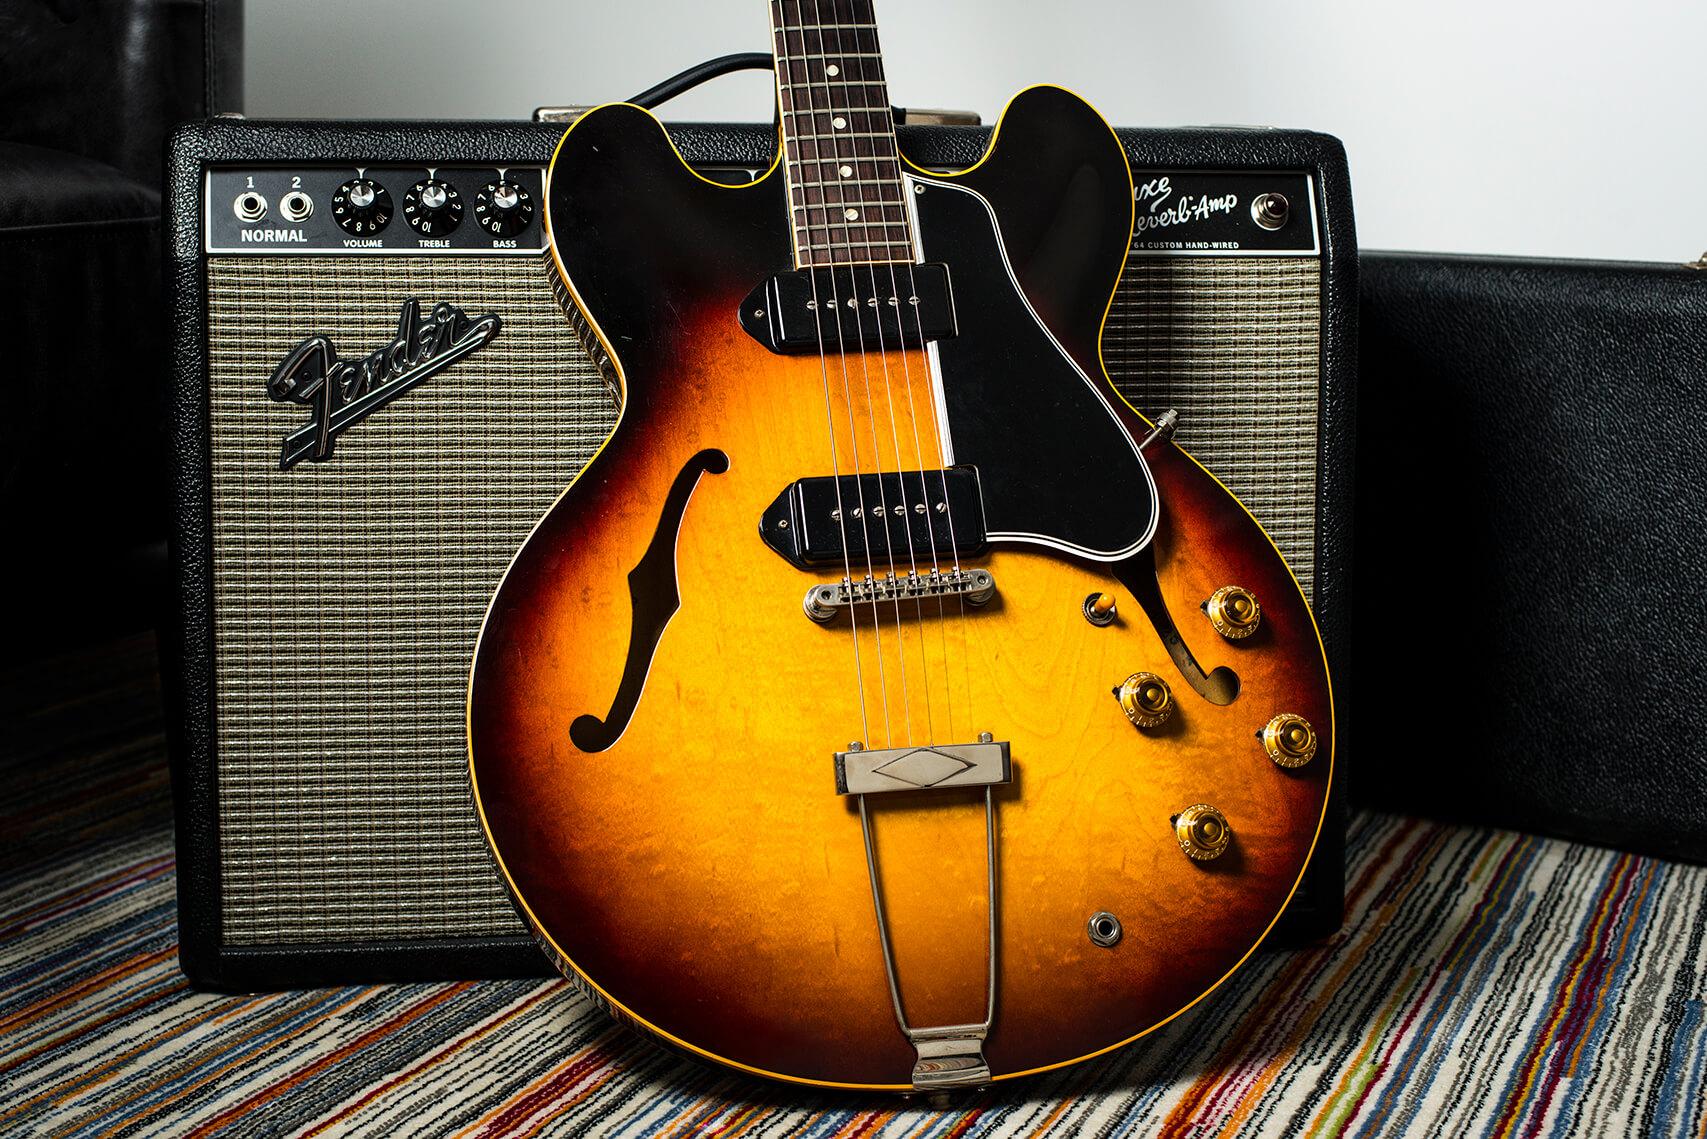 Jeff Garlin's 1959 ES-330 Body